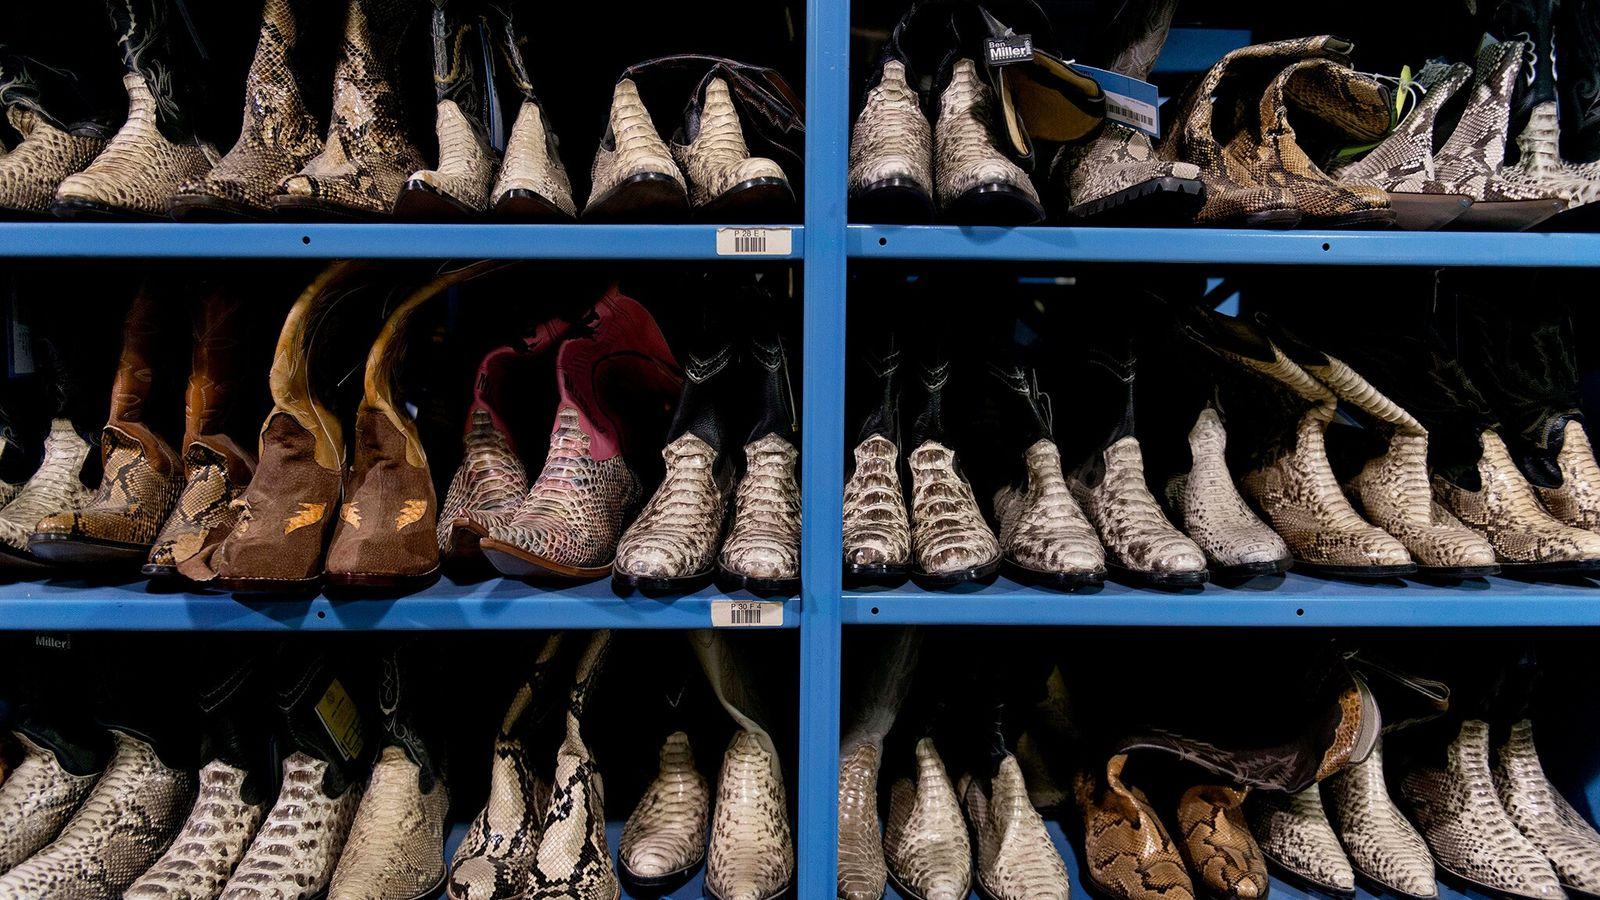 Os oficiais do Serviço de Pesca e Vida Selvagem dos Estados Unidos confiscaram essas botas de ...